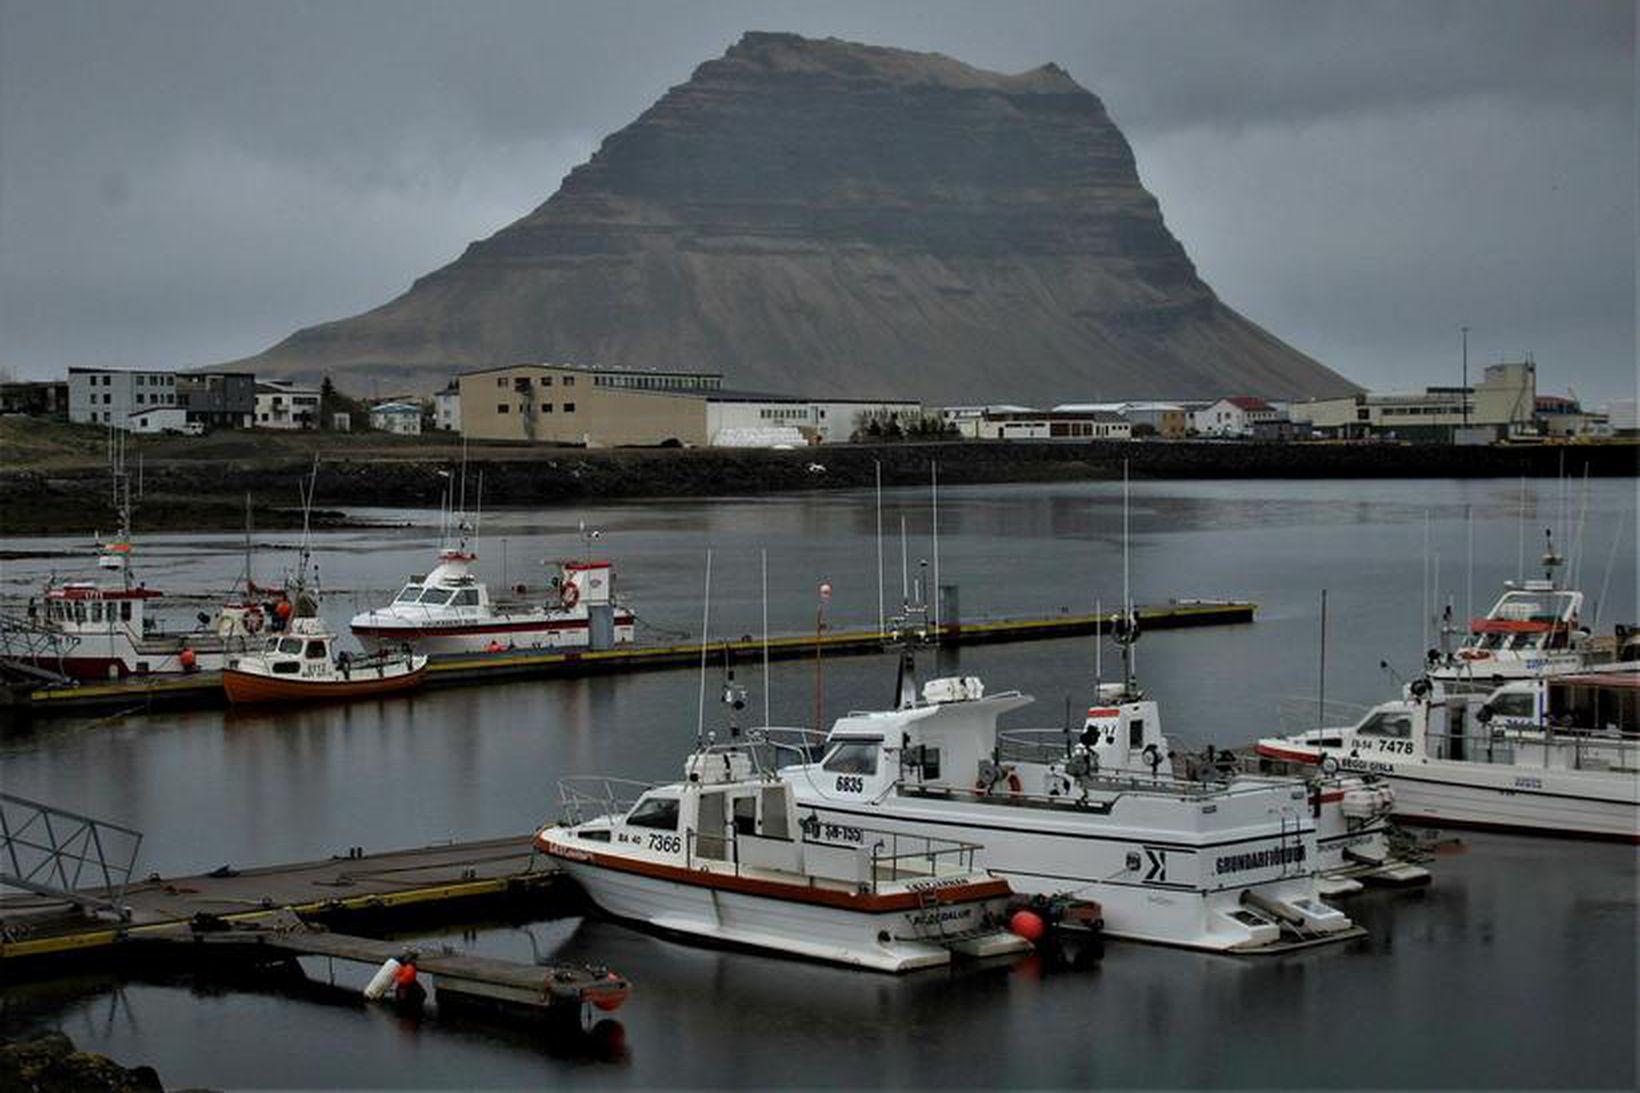 Fjölgun ferðafólks hefur áhrif á húsnæðismarkaðinn í Grundarfirði.